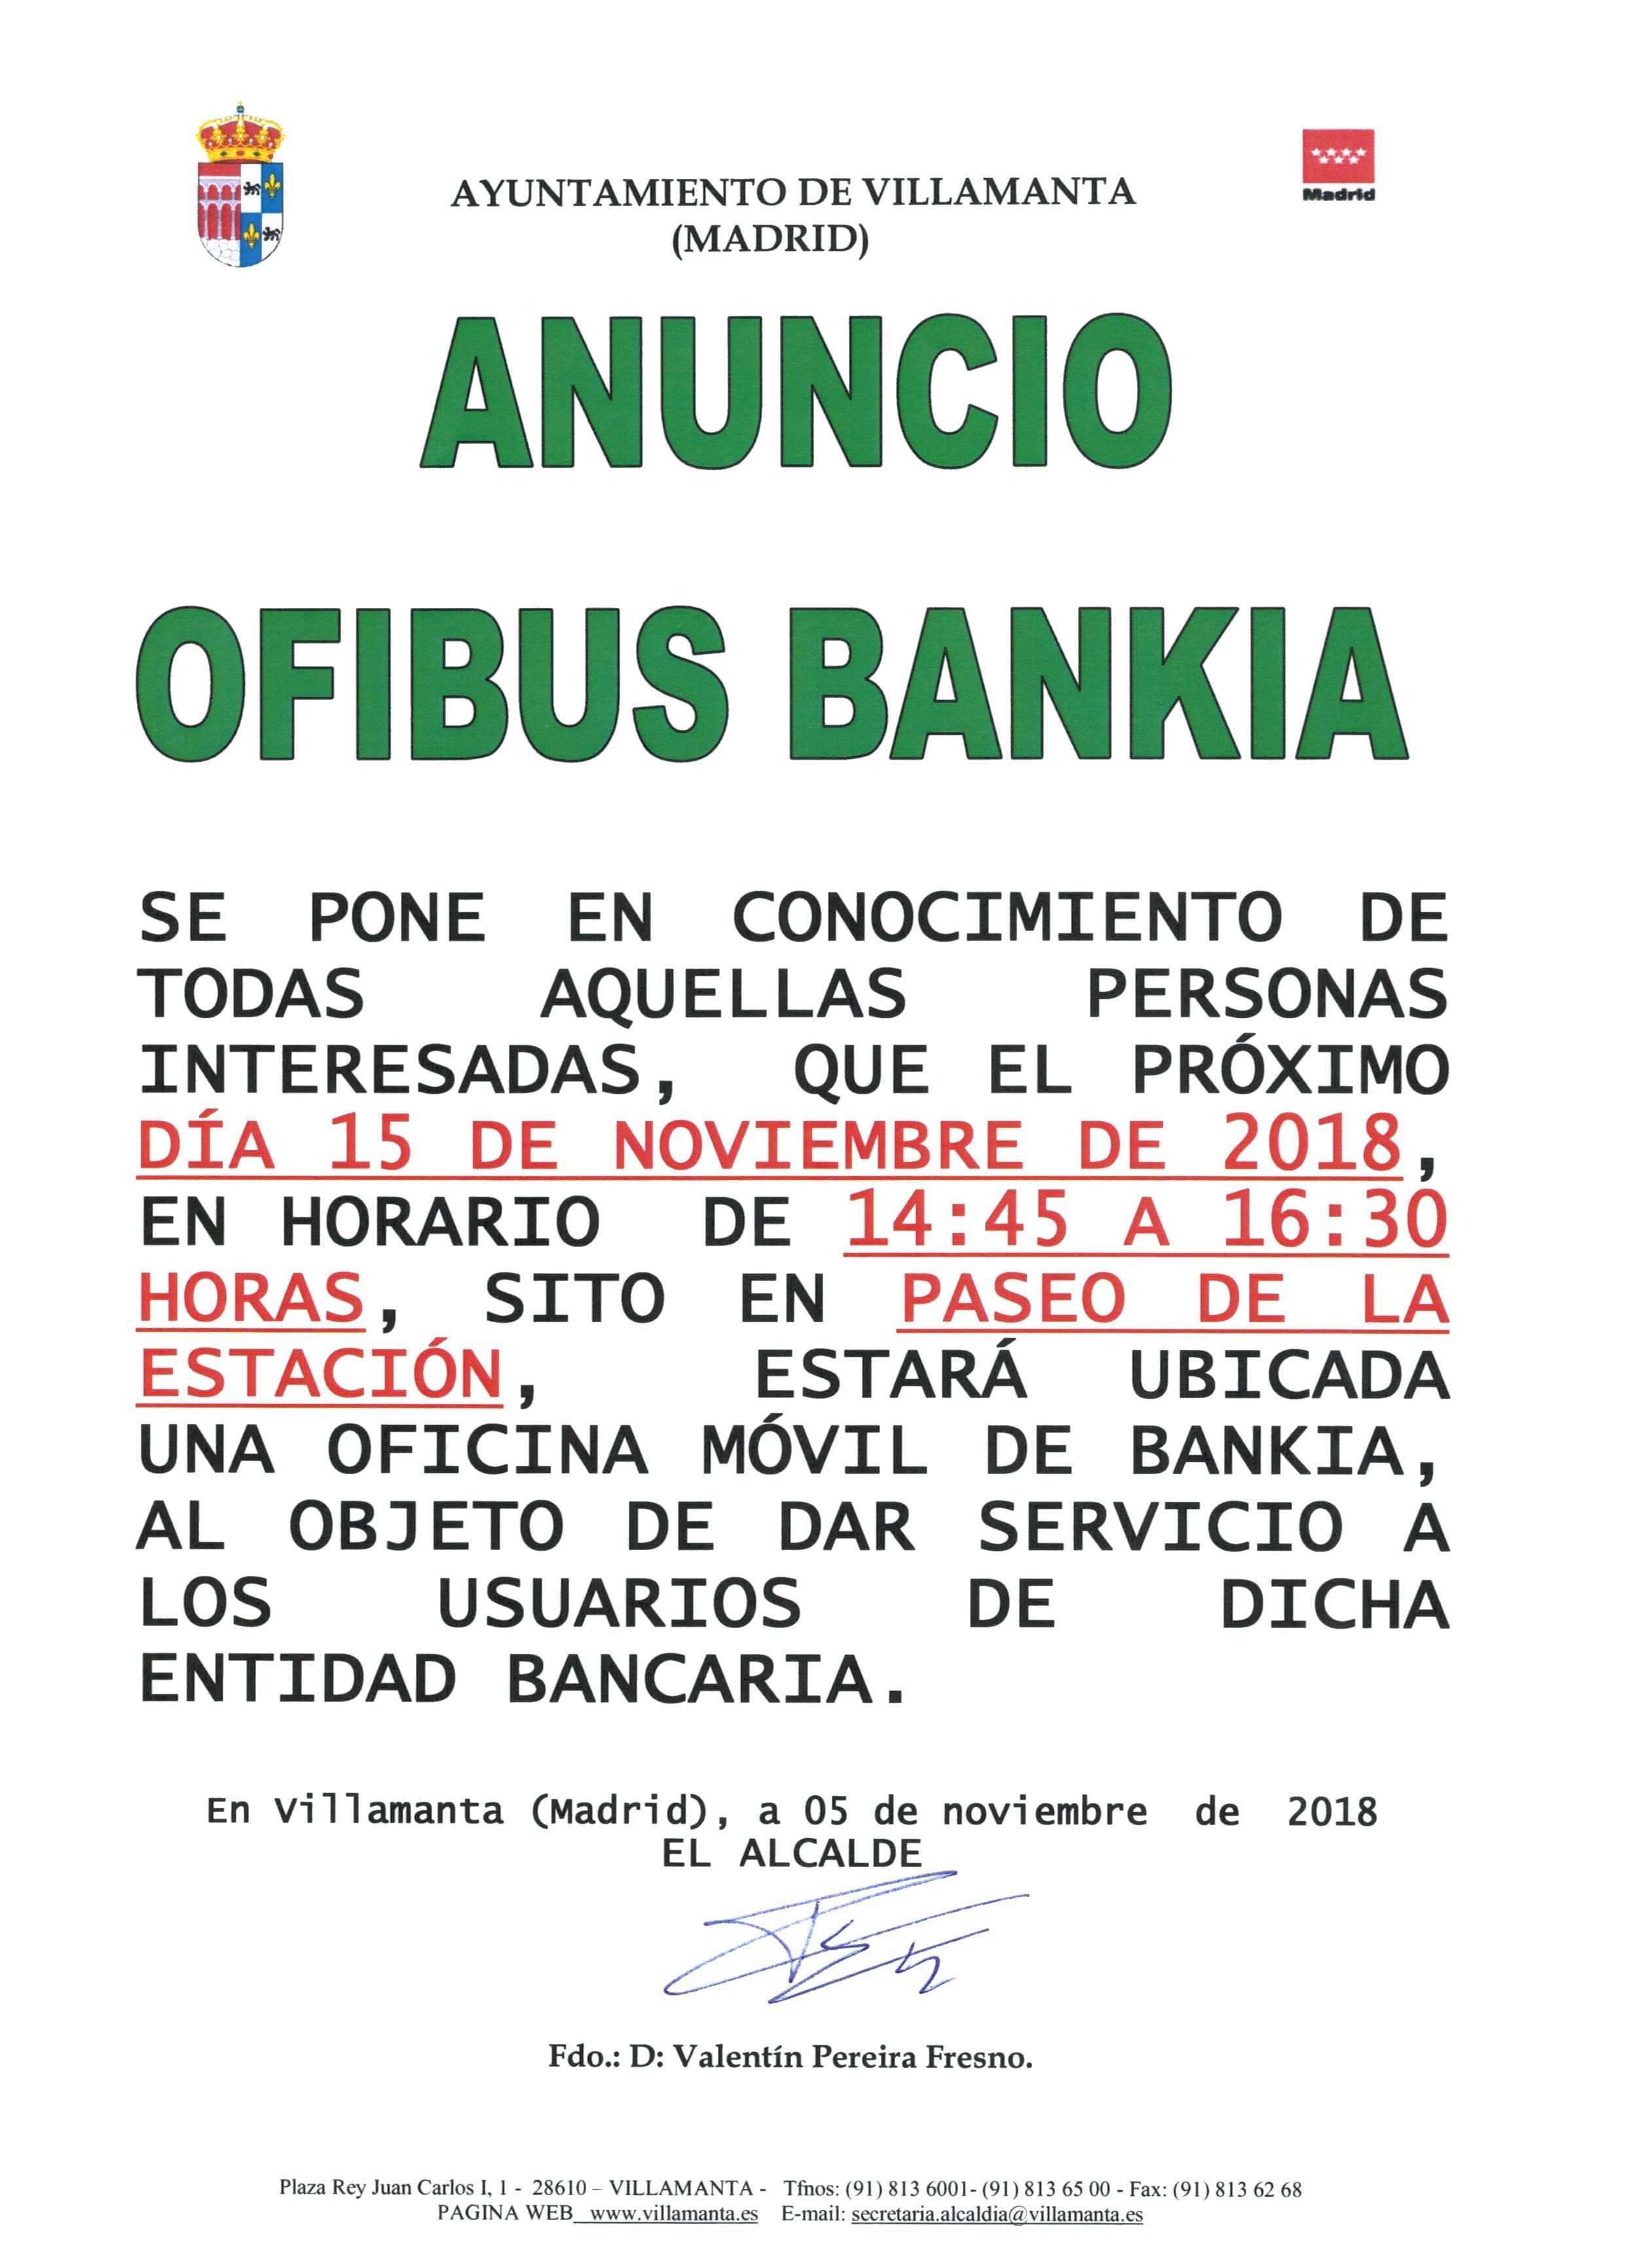 Ofibus bankia 15 de noviembre